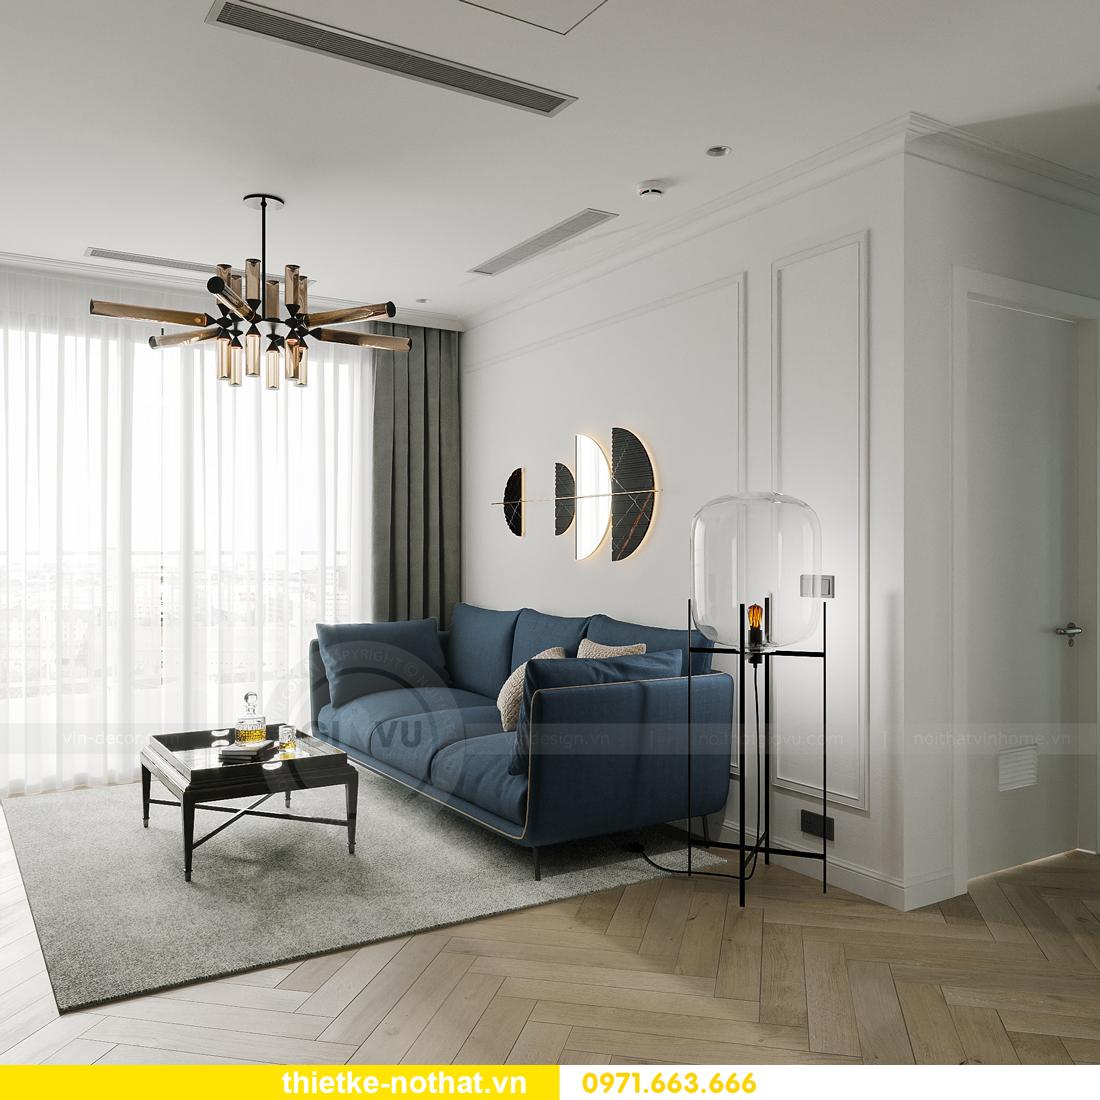 thiết kế nội thất Smart City tòa S102 căn 17 nhà chị Hà 7